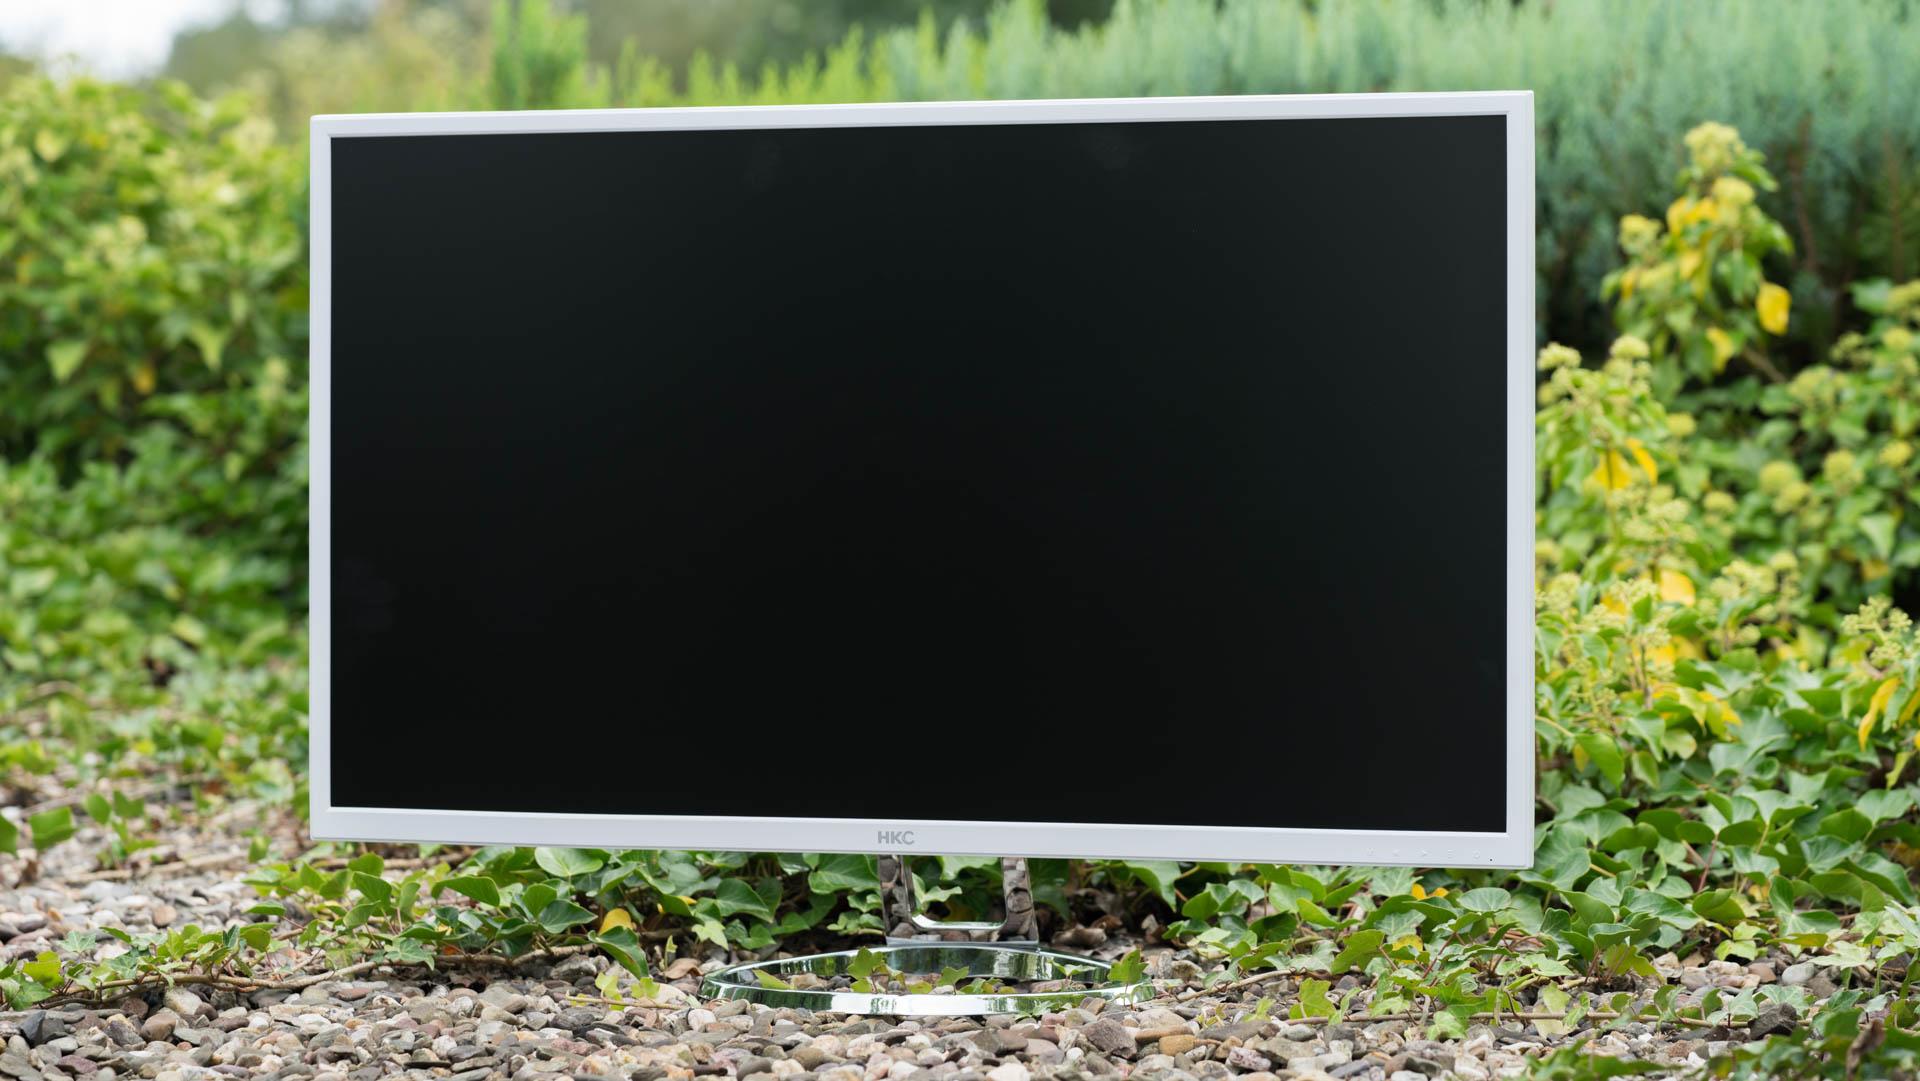 der hkc q320 pro im test ein g nstiger 32 zoll 2k monitor. Black Bedroom Furniture Sets. Home Design Ideas